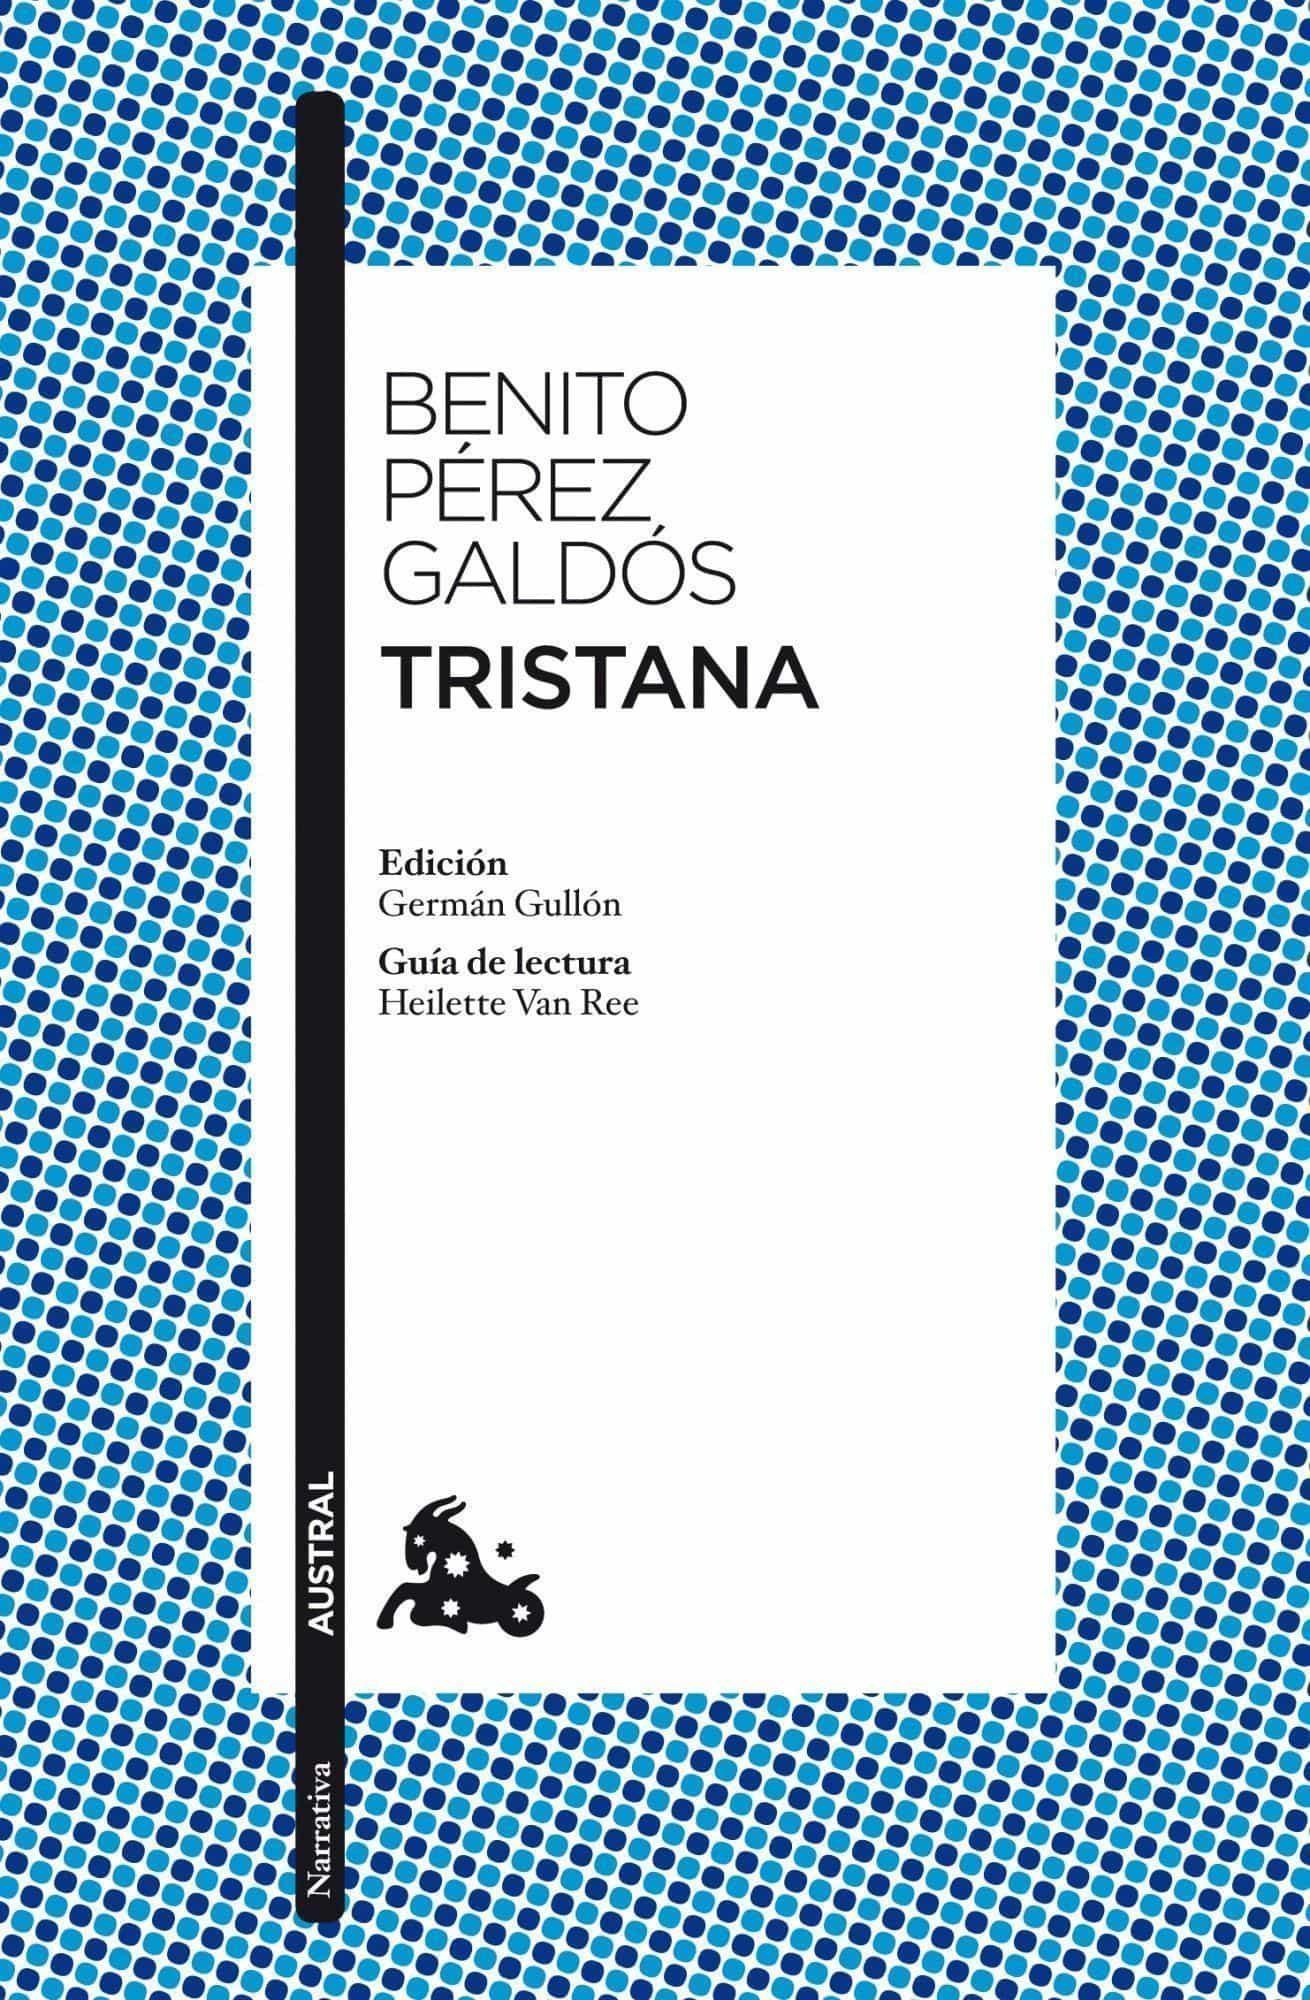 tristana-benito perez galdos-9788467037821